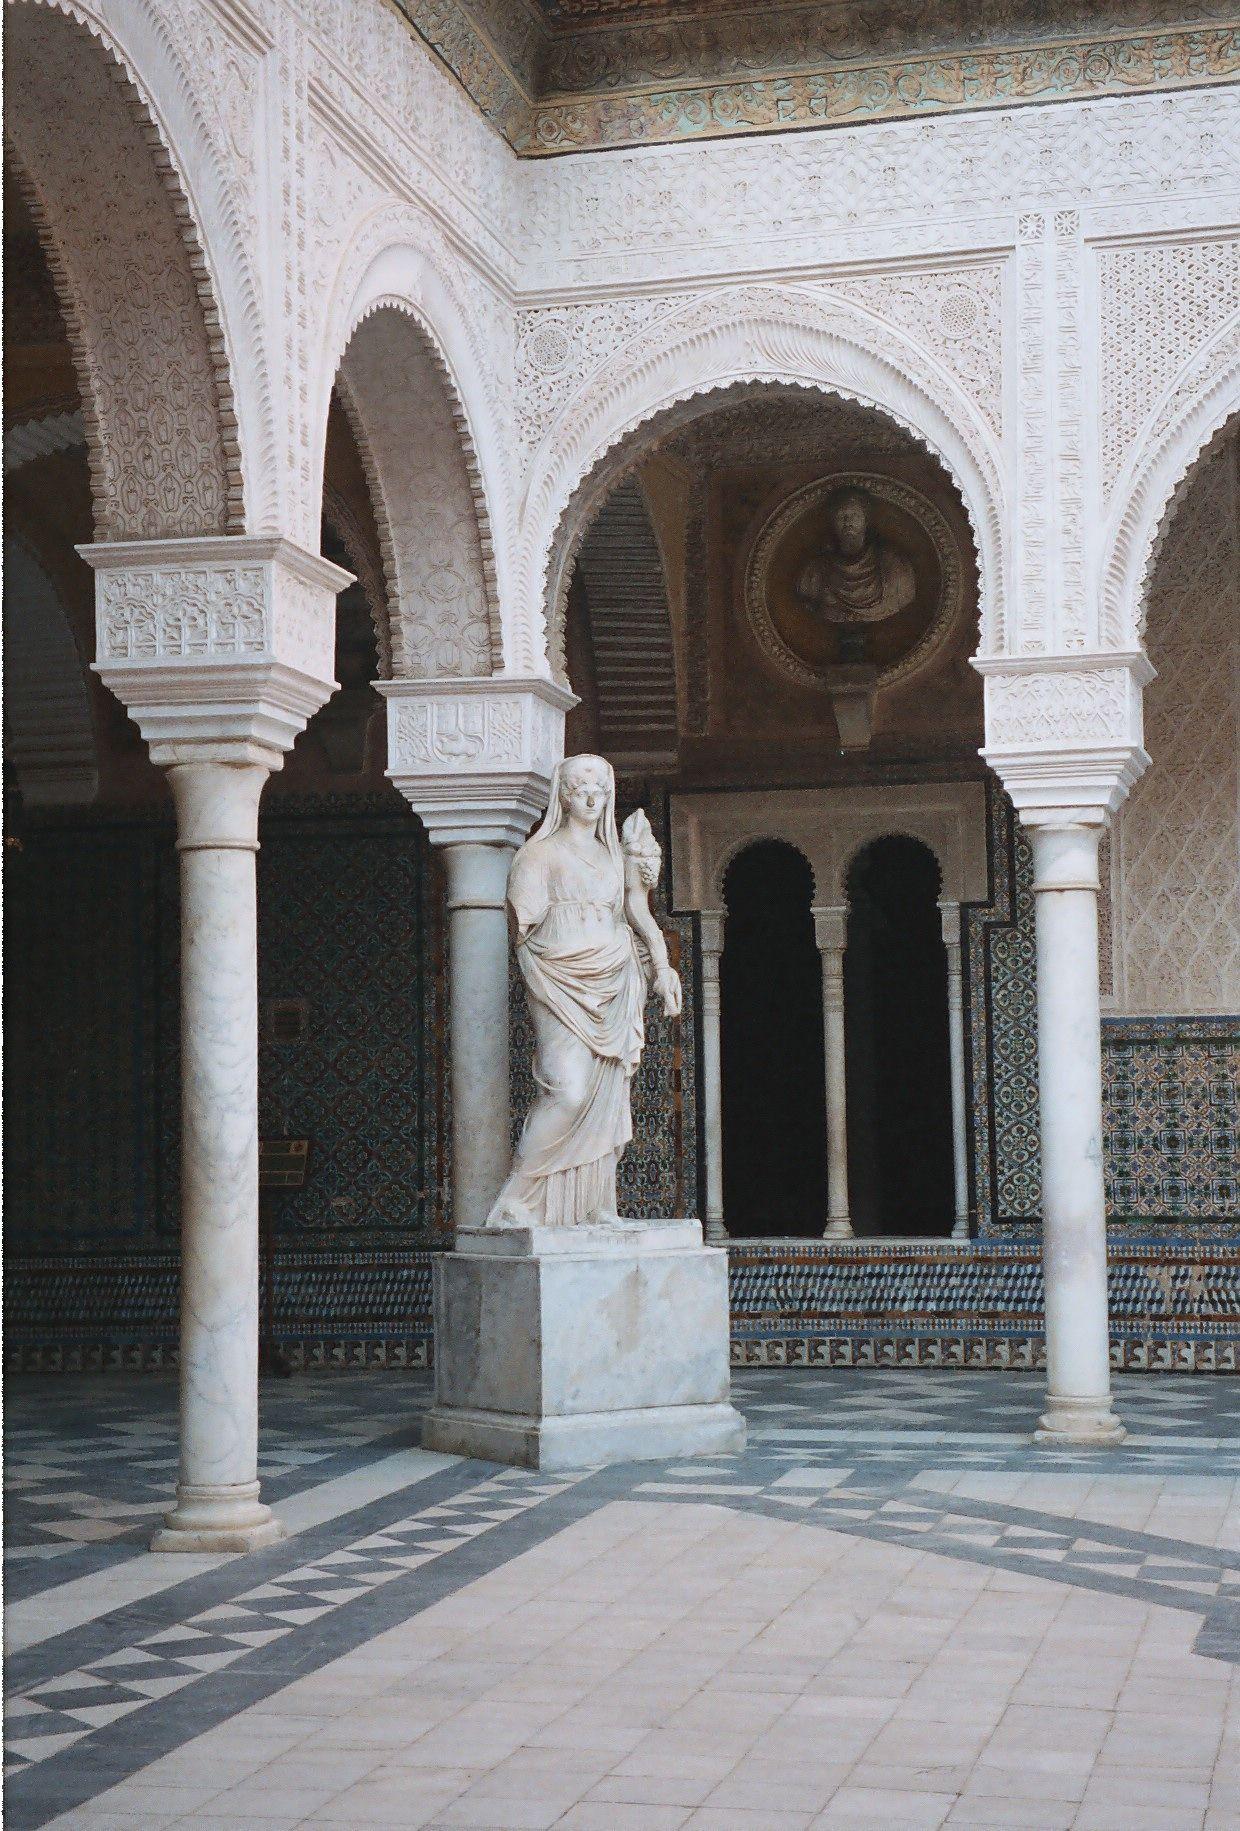 The Beautiful Casa Ducal de Medinaceli, Seville, Spain.